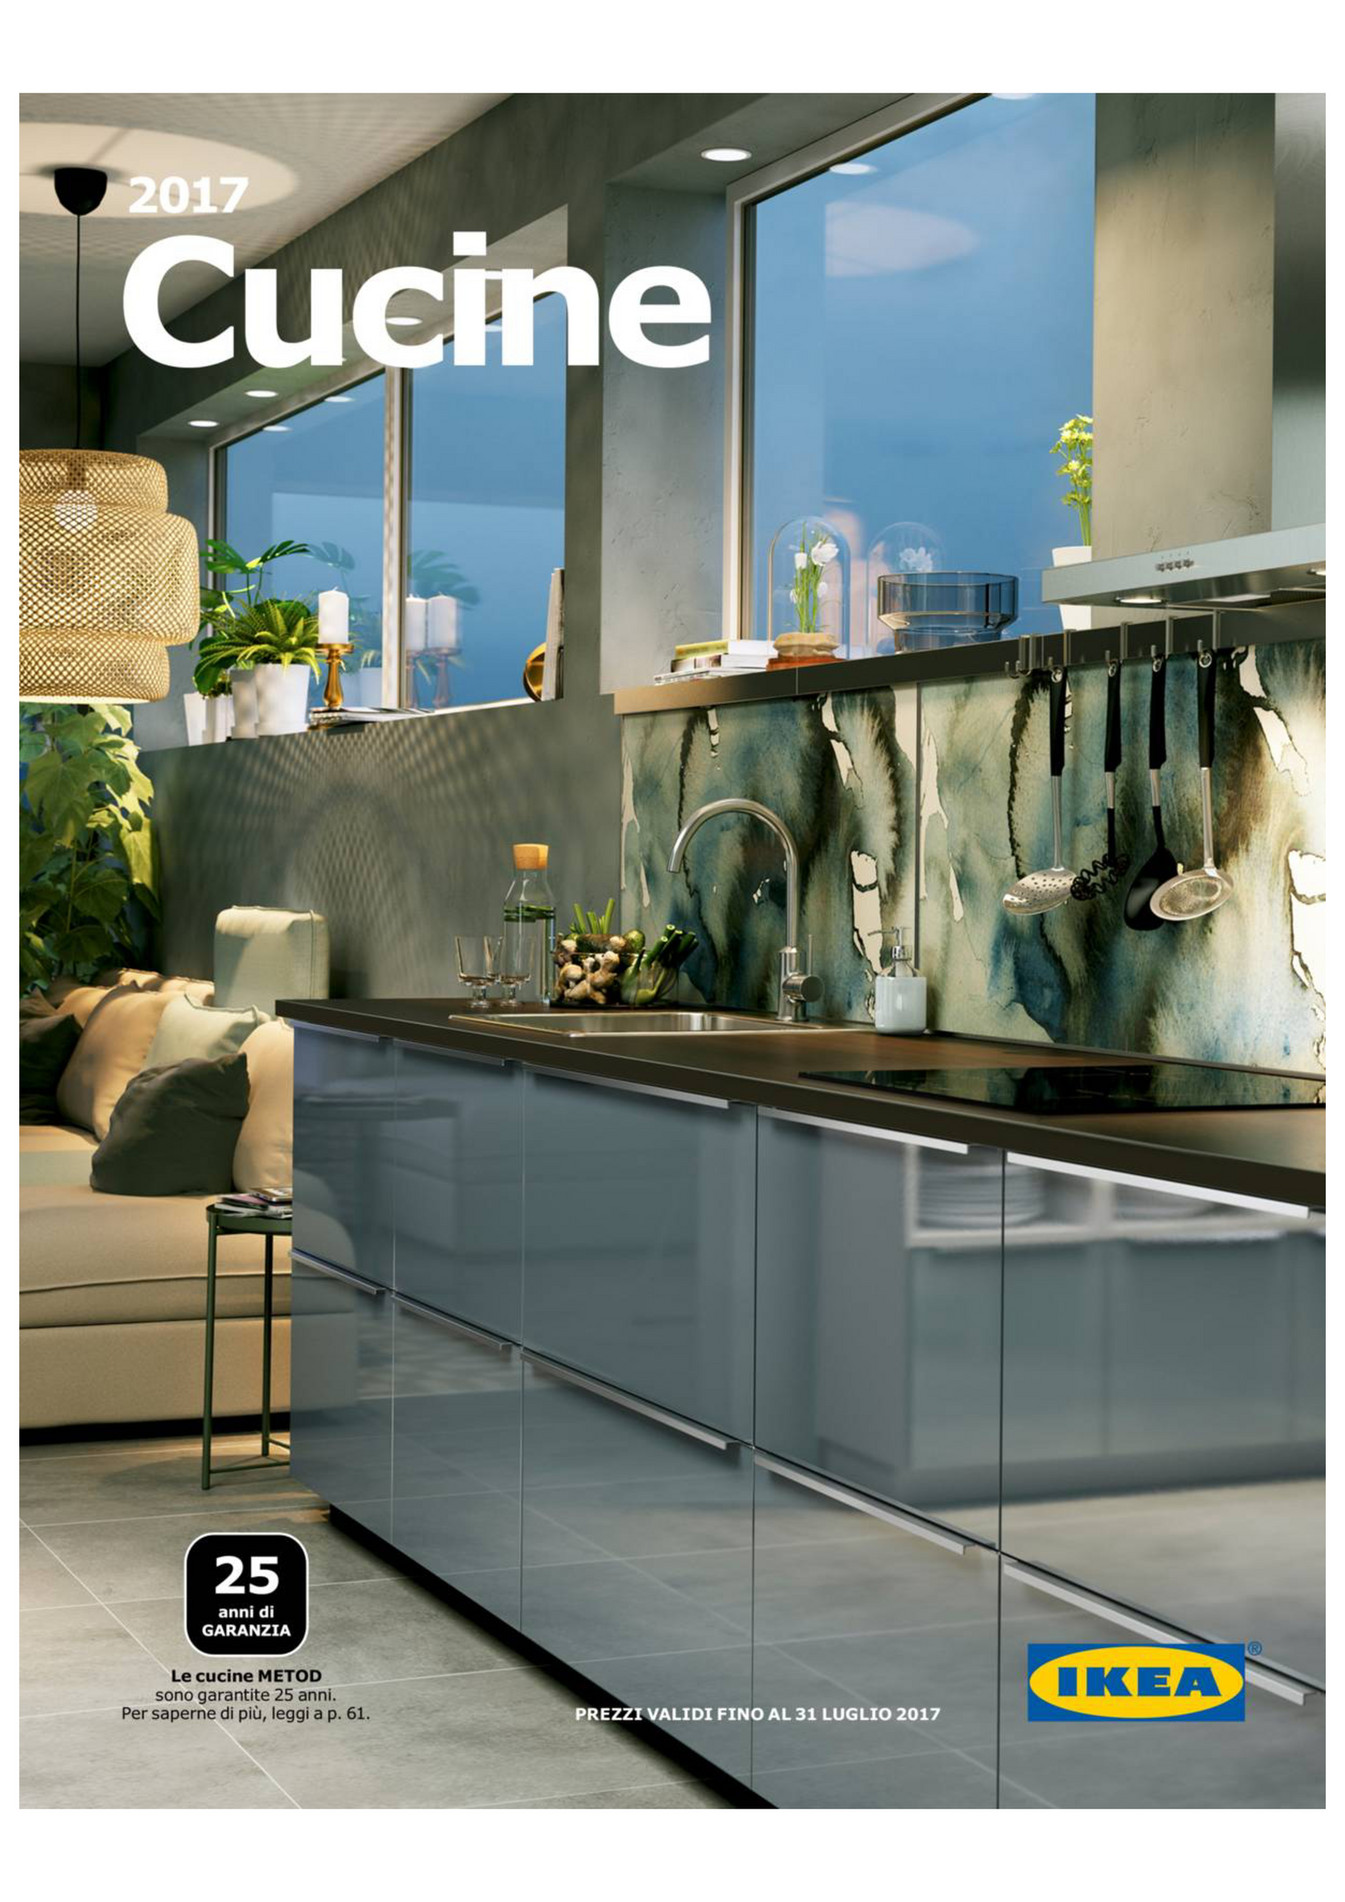 Volantinofacile catalogo ikea cucine 2017 pagina 28 29 - Cucine ikea 2017 ...